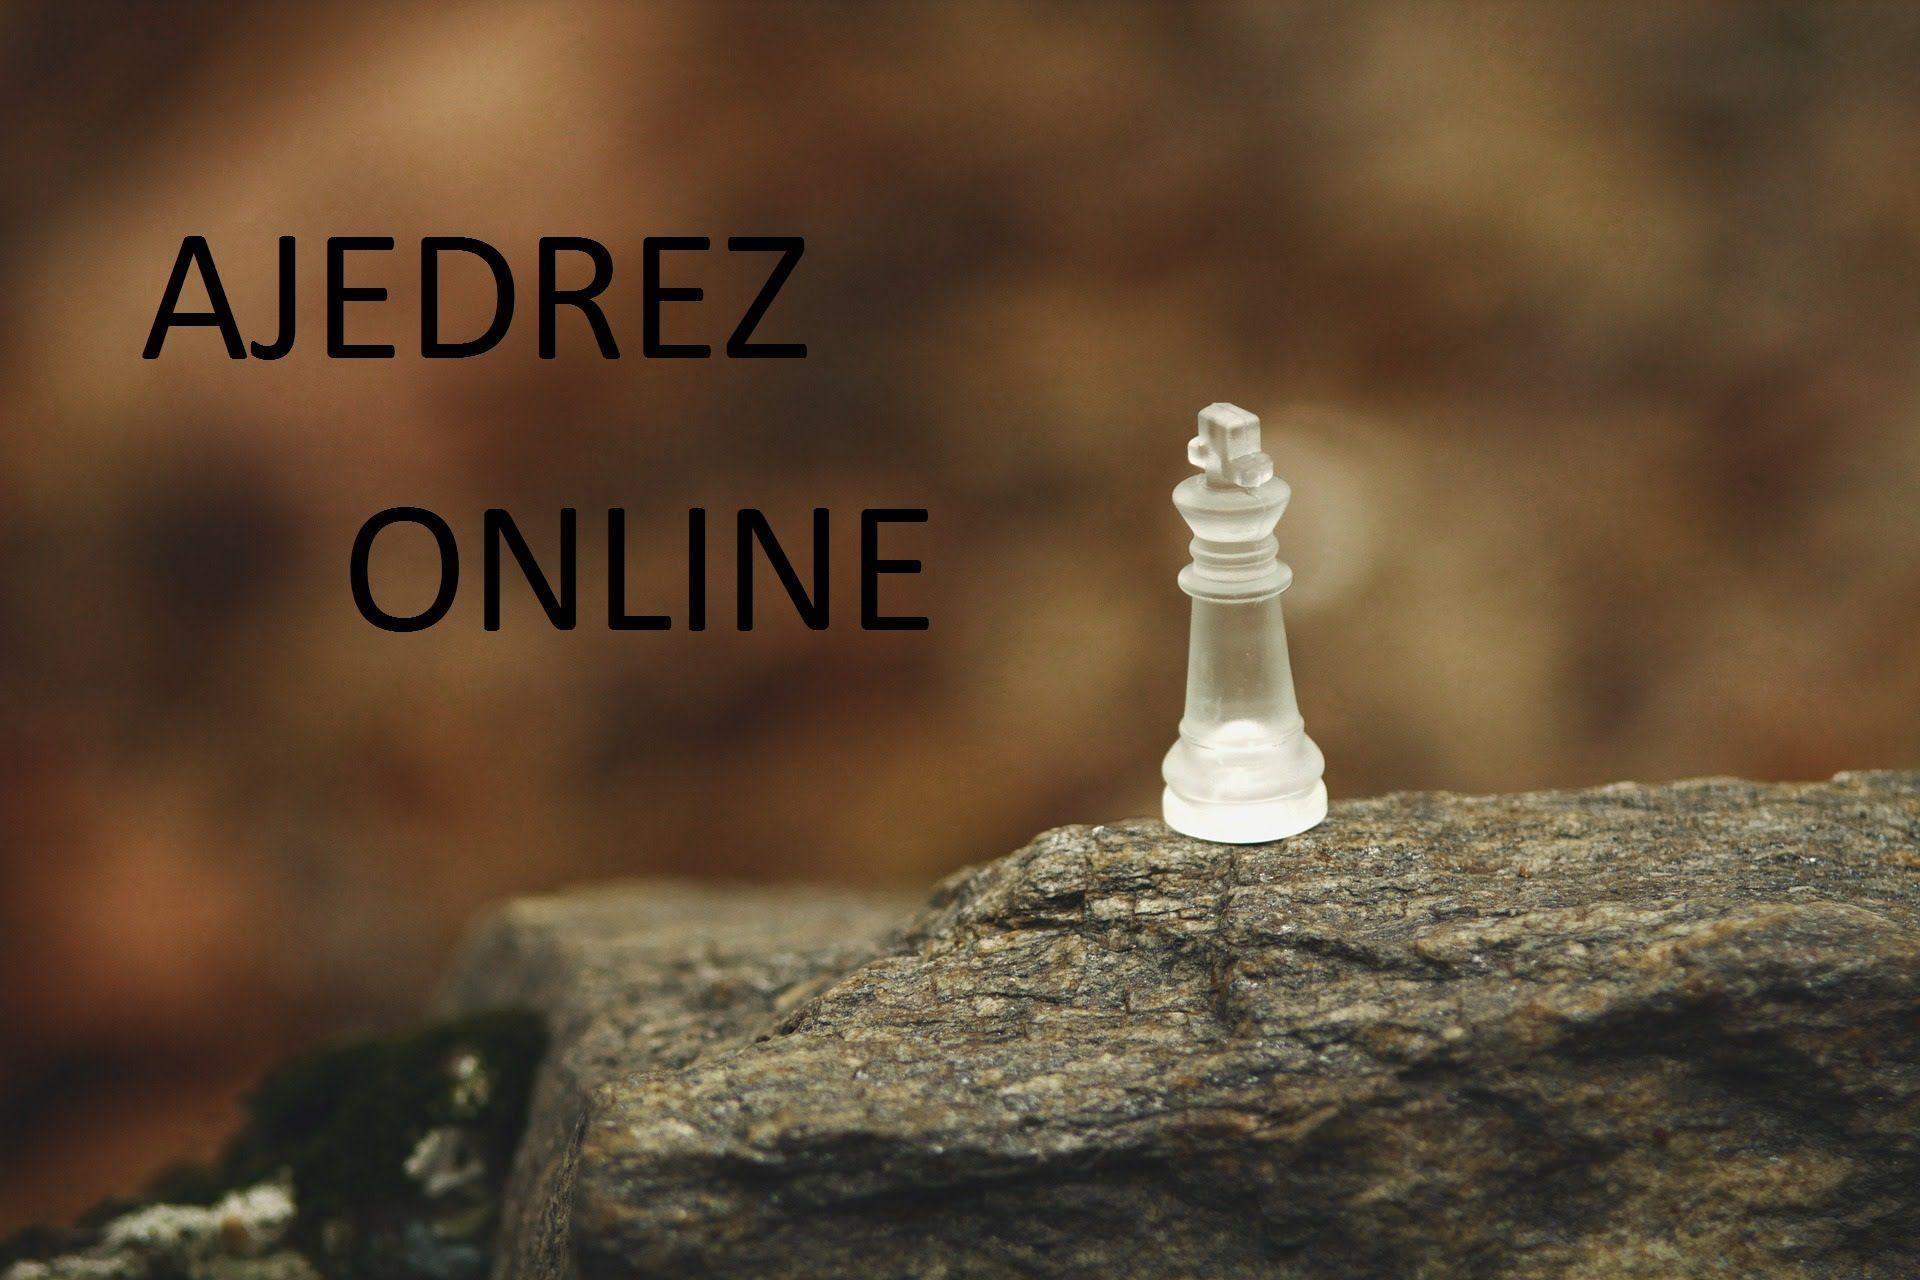 Ajedrez Online #40: AjedrezDiferente vs.Strangeshow (2342)